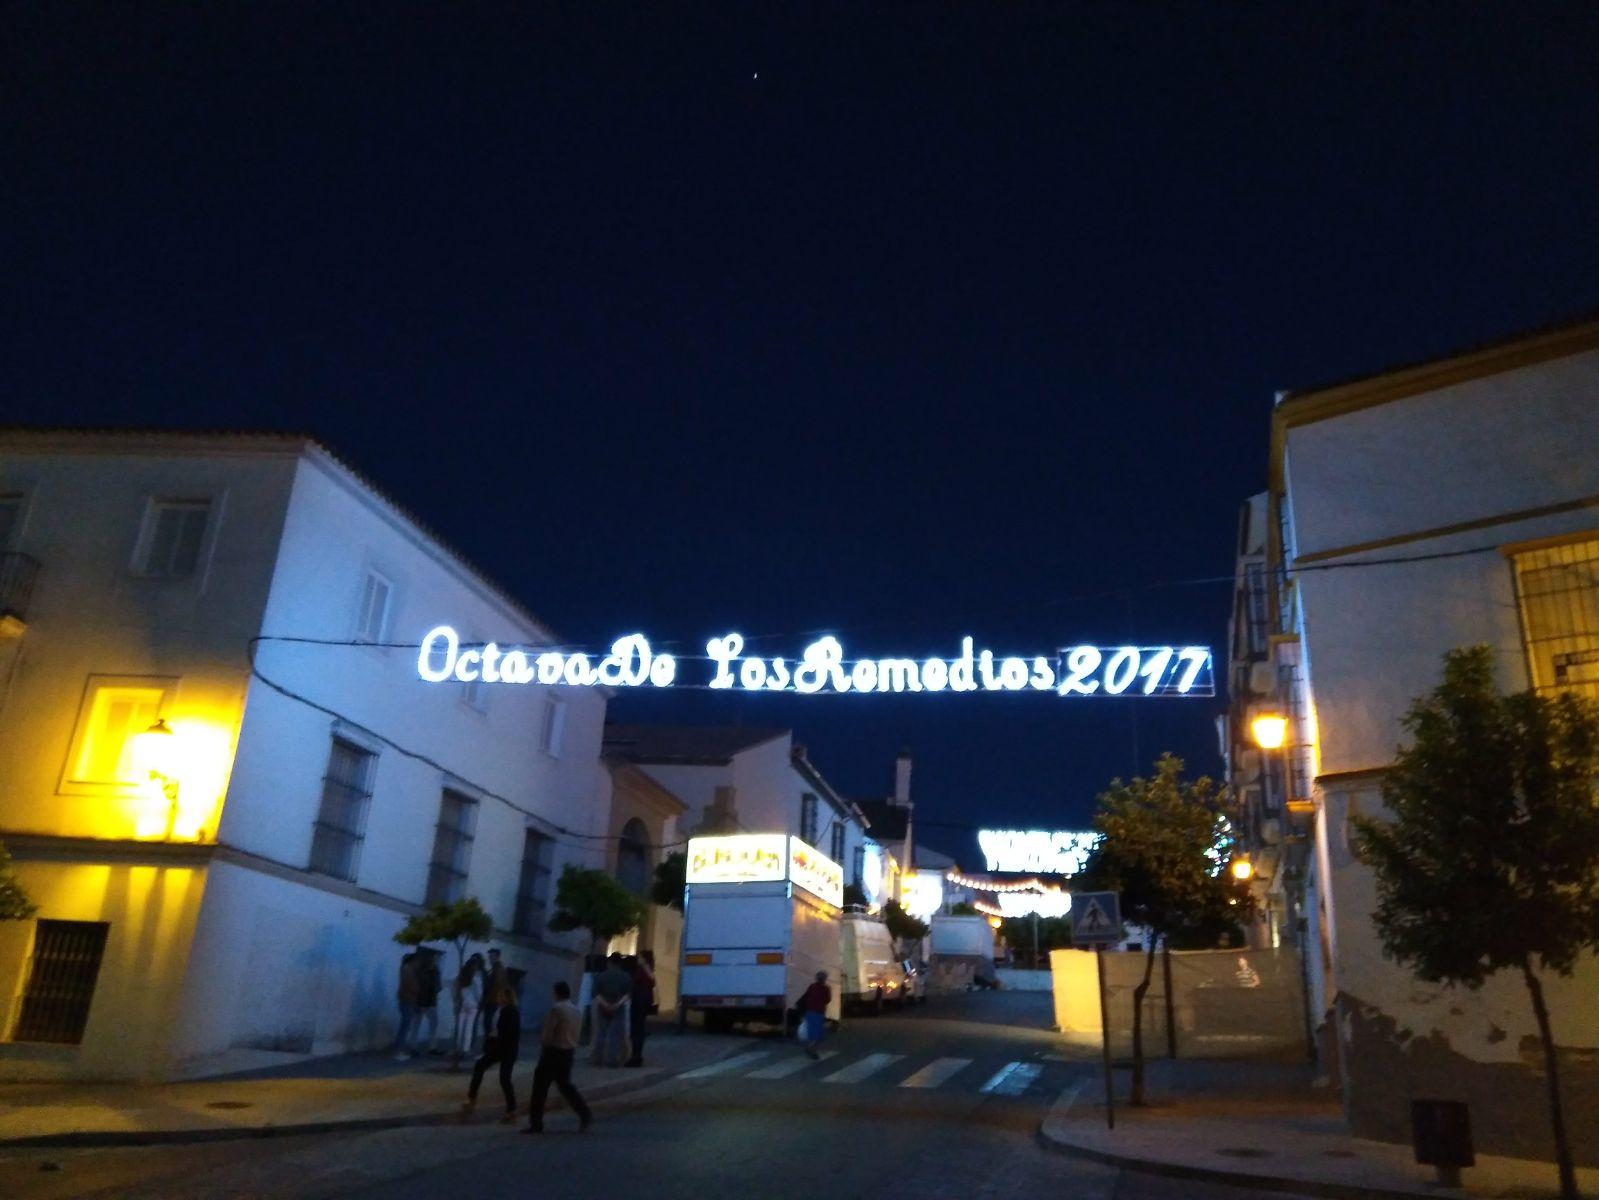 Fotos de la Octava de los Remedios 2017